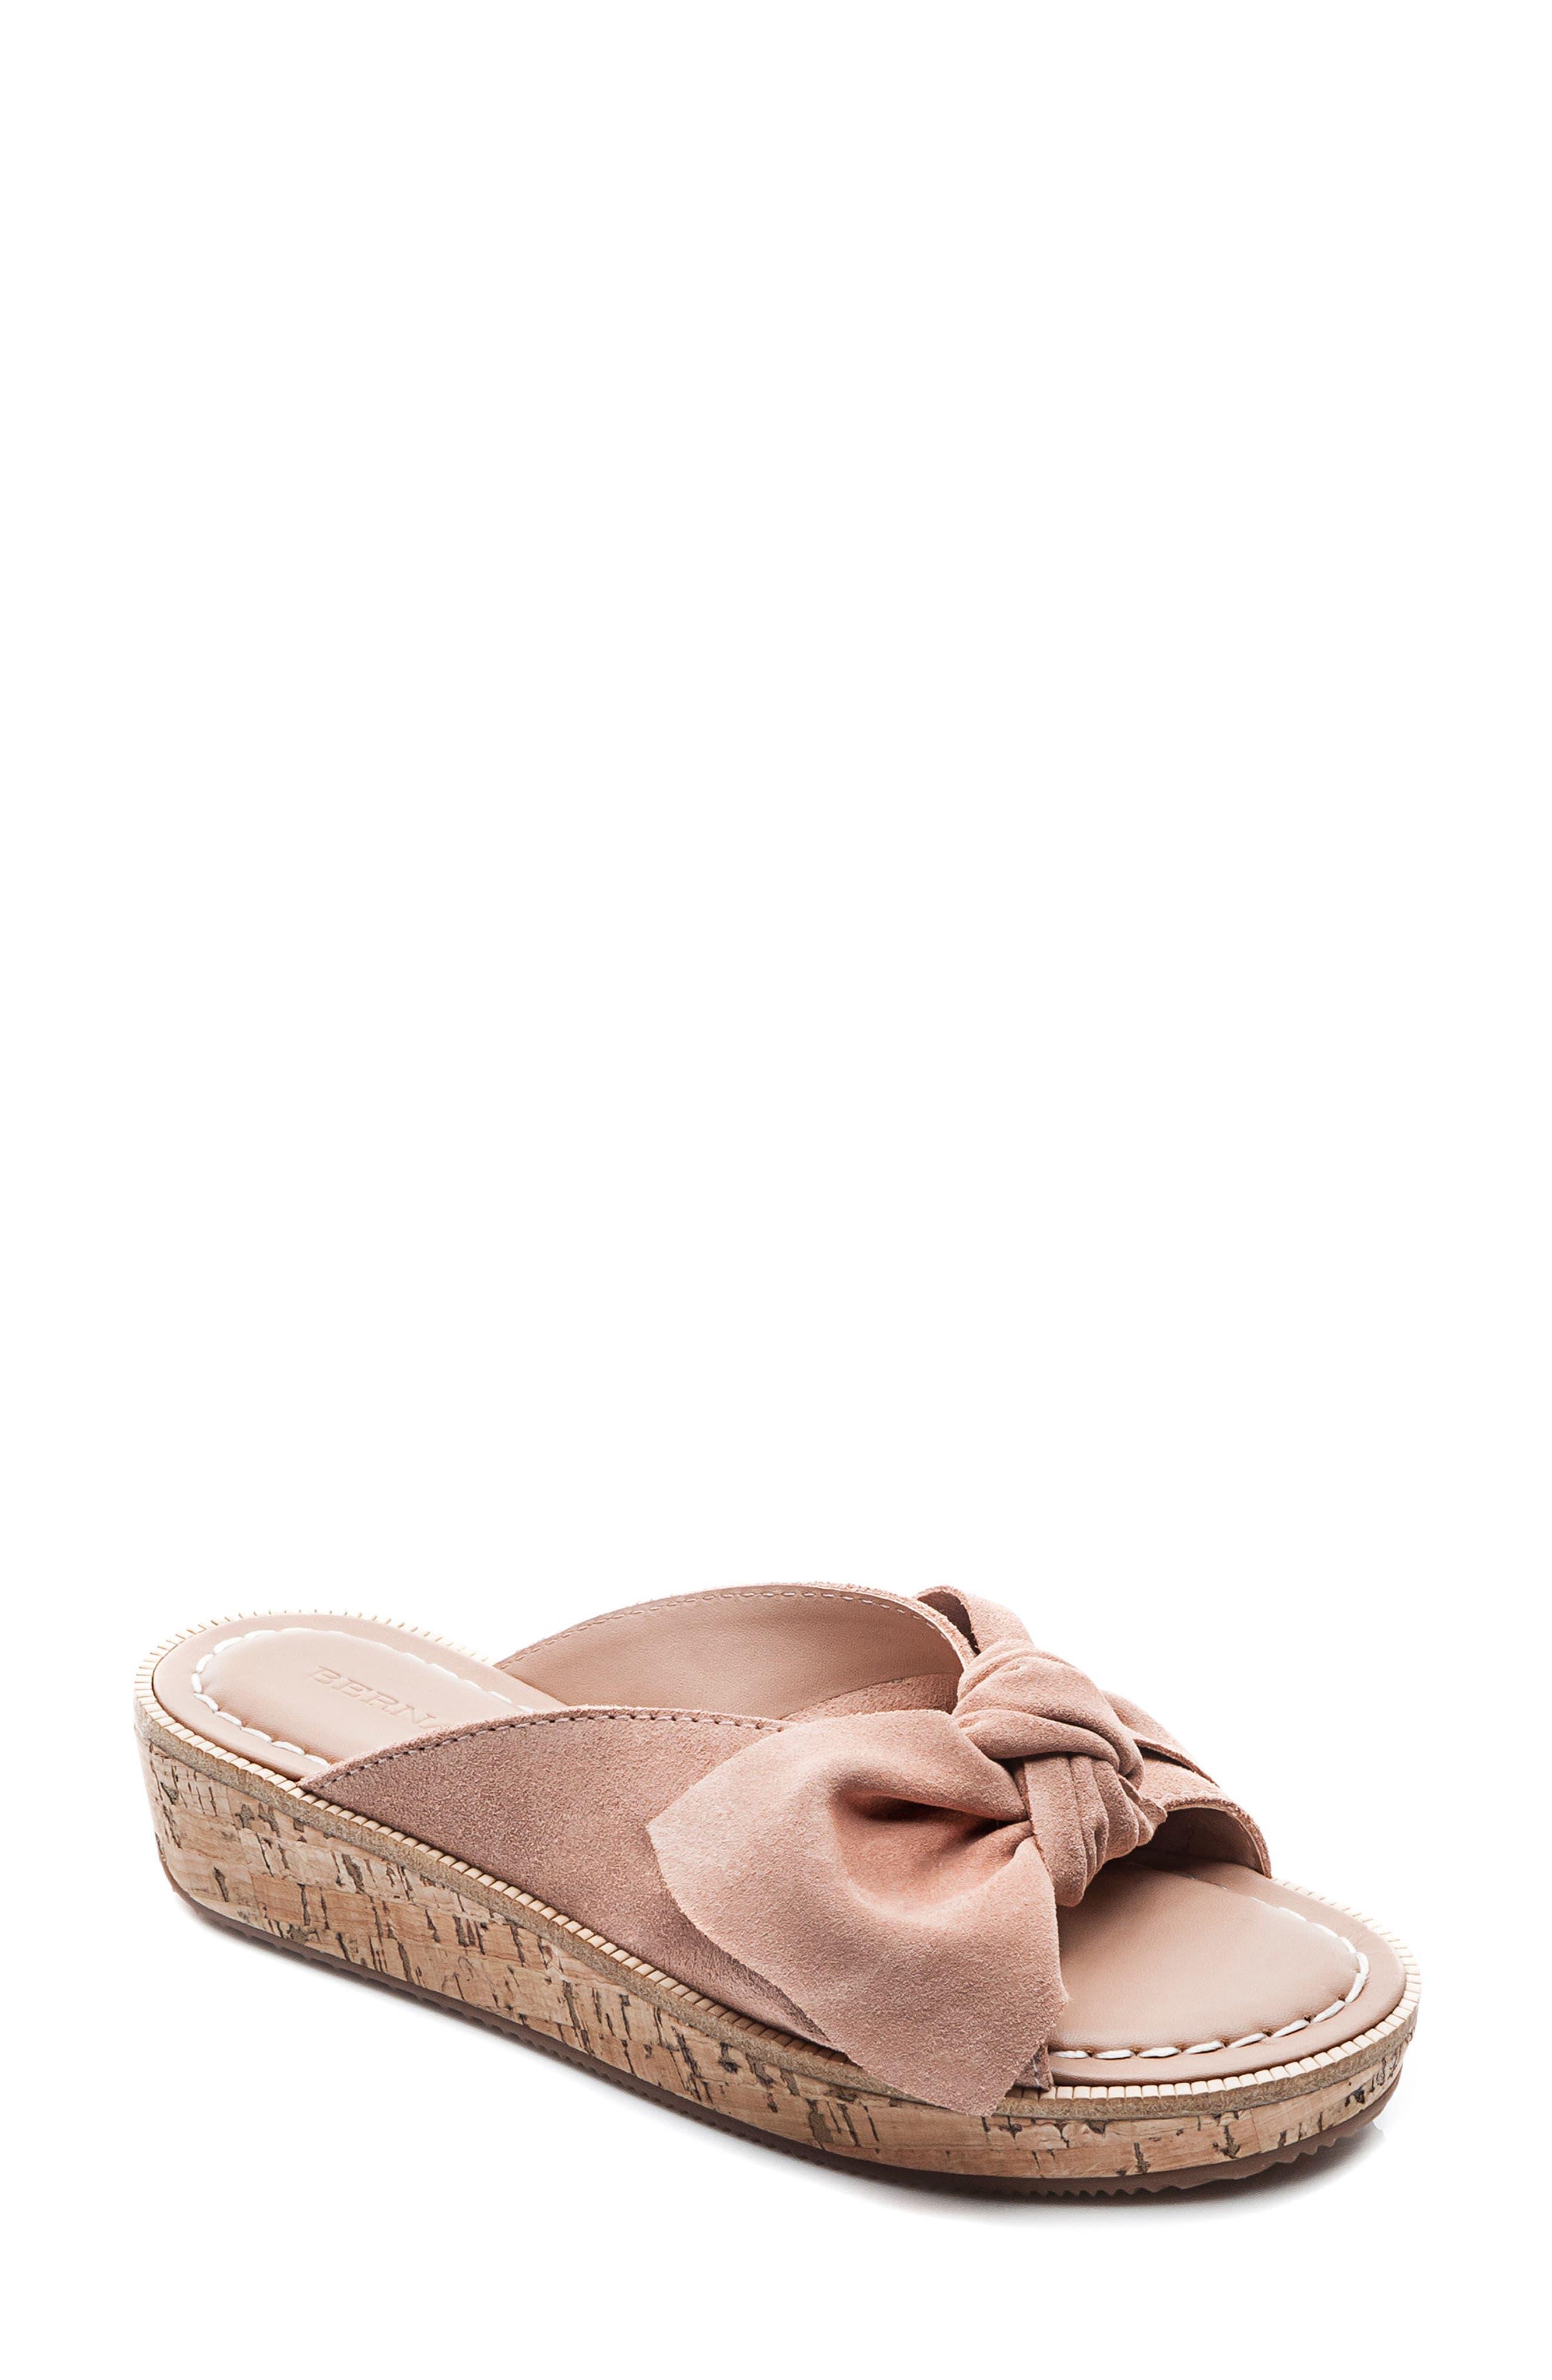 Bernardo Petra Slide Sandal,                             Main thumbnail 1, color,                             Blush Leather